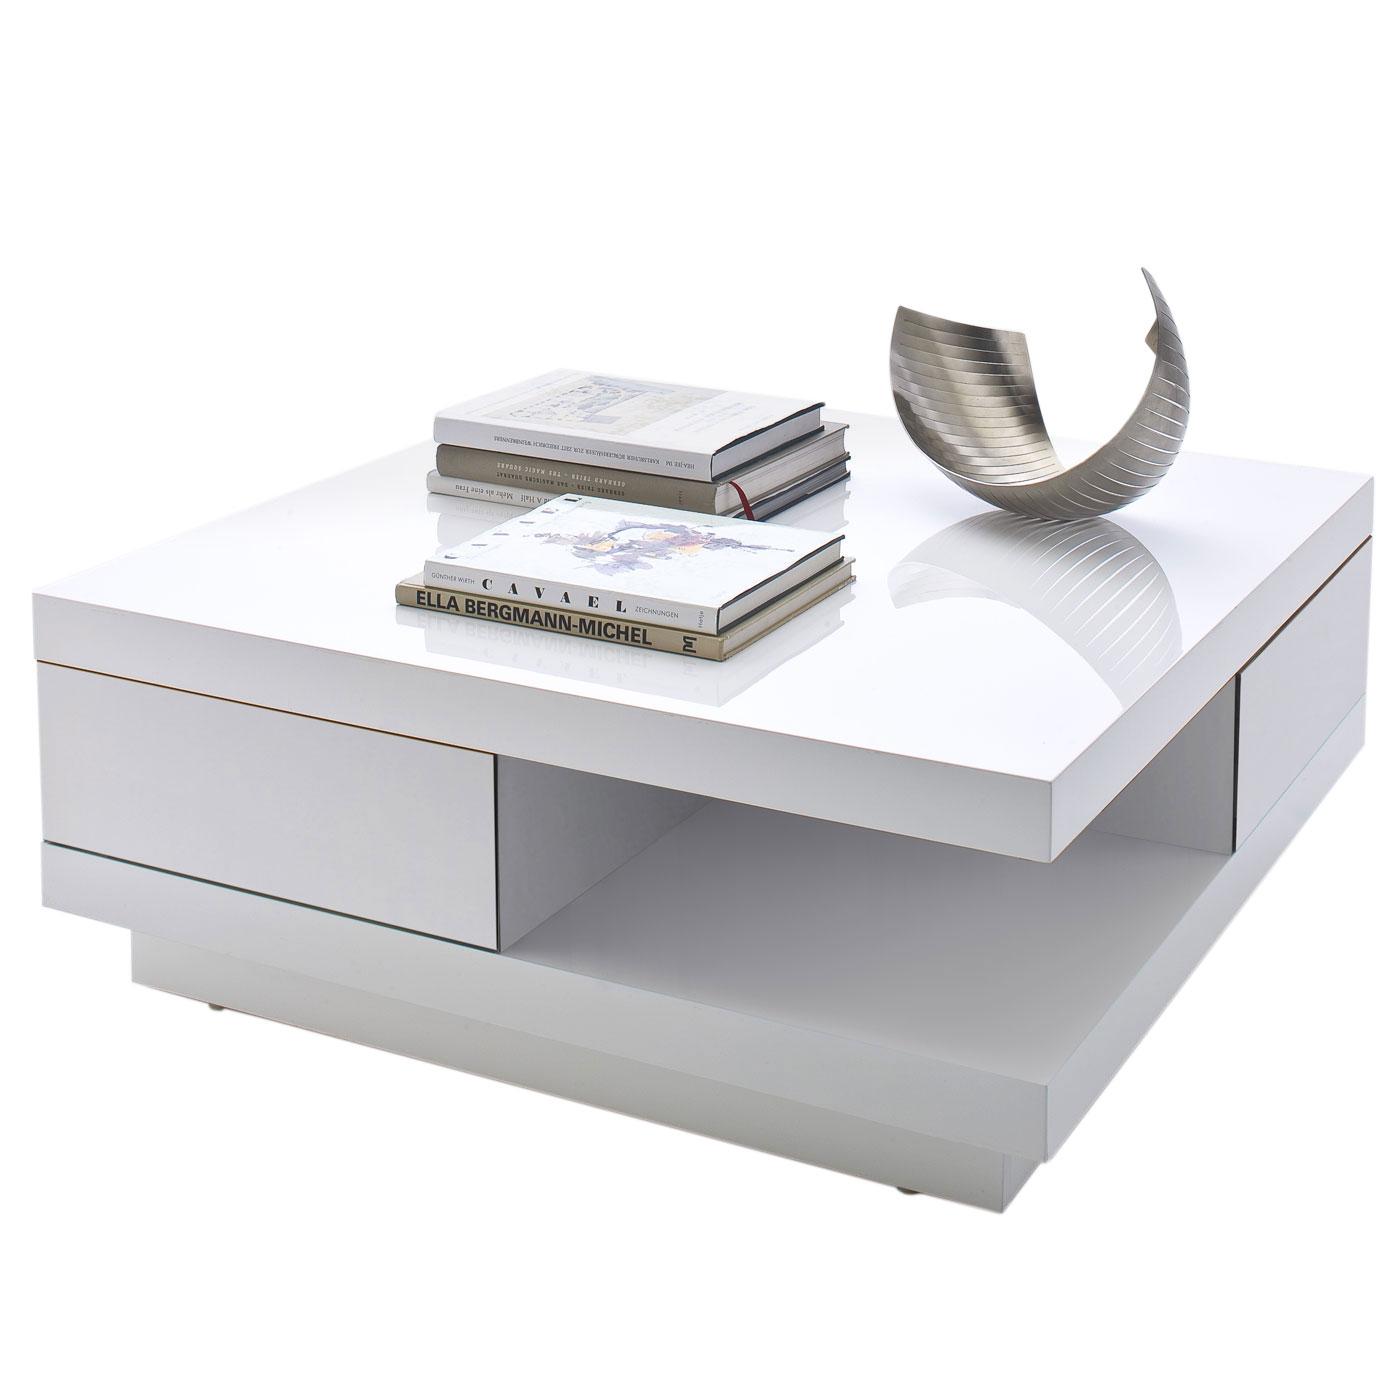 mca couchtisch abby hochglanz weiss mit schubladen. Black Bedroom Furniture Sets. Home Design Ideas